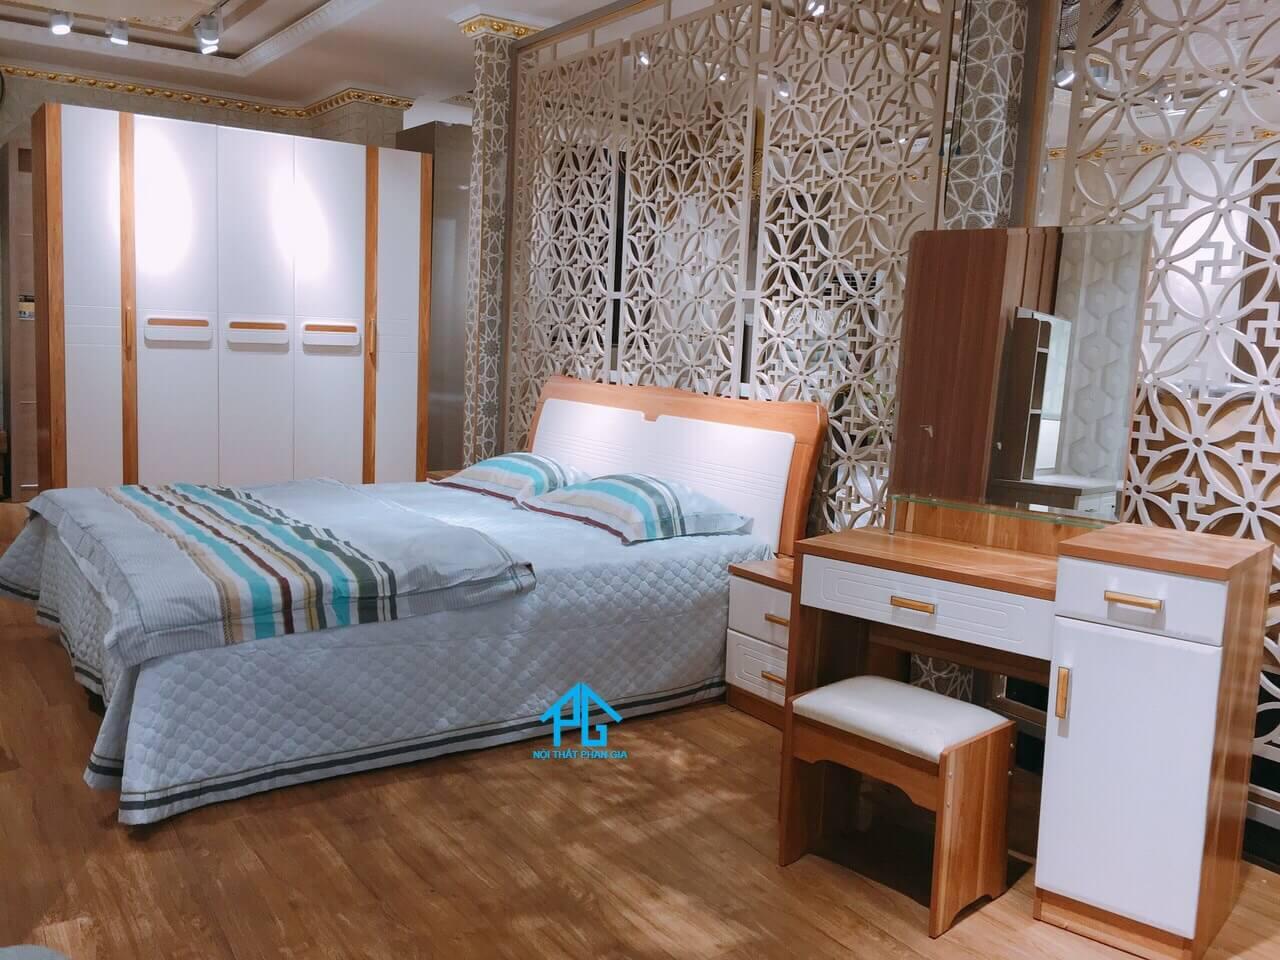 kích thước chuẩn dành cho giường đơn;